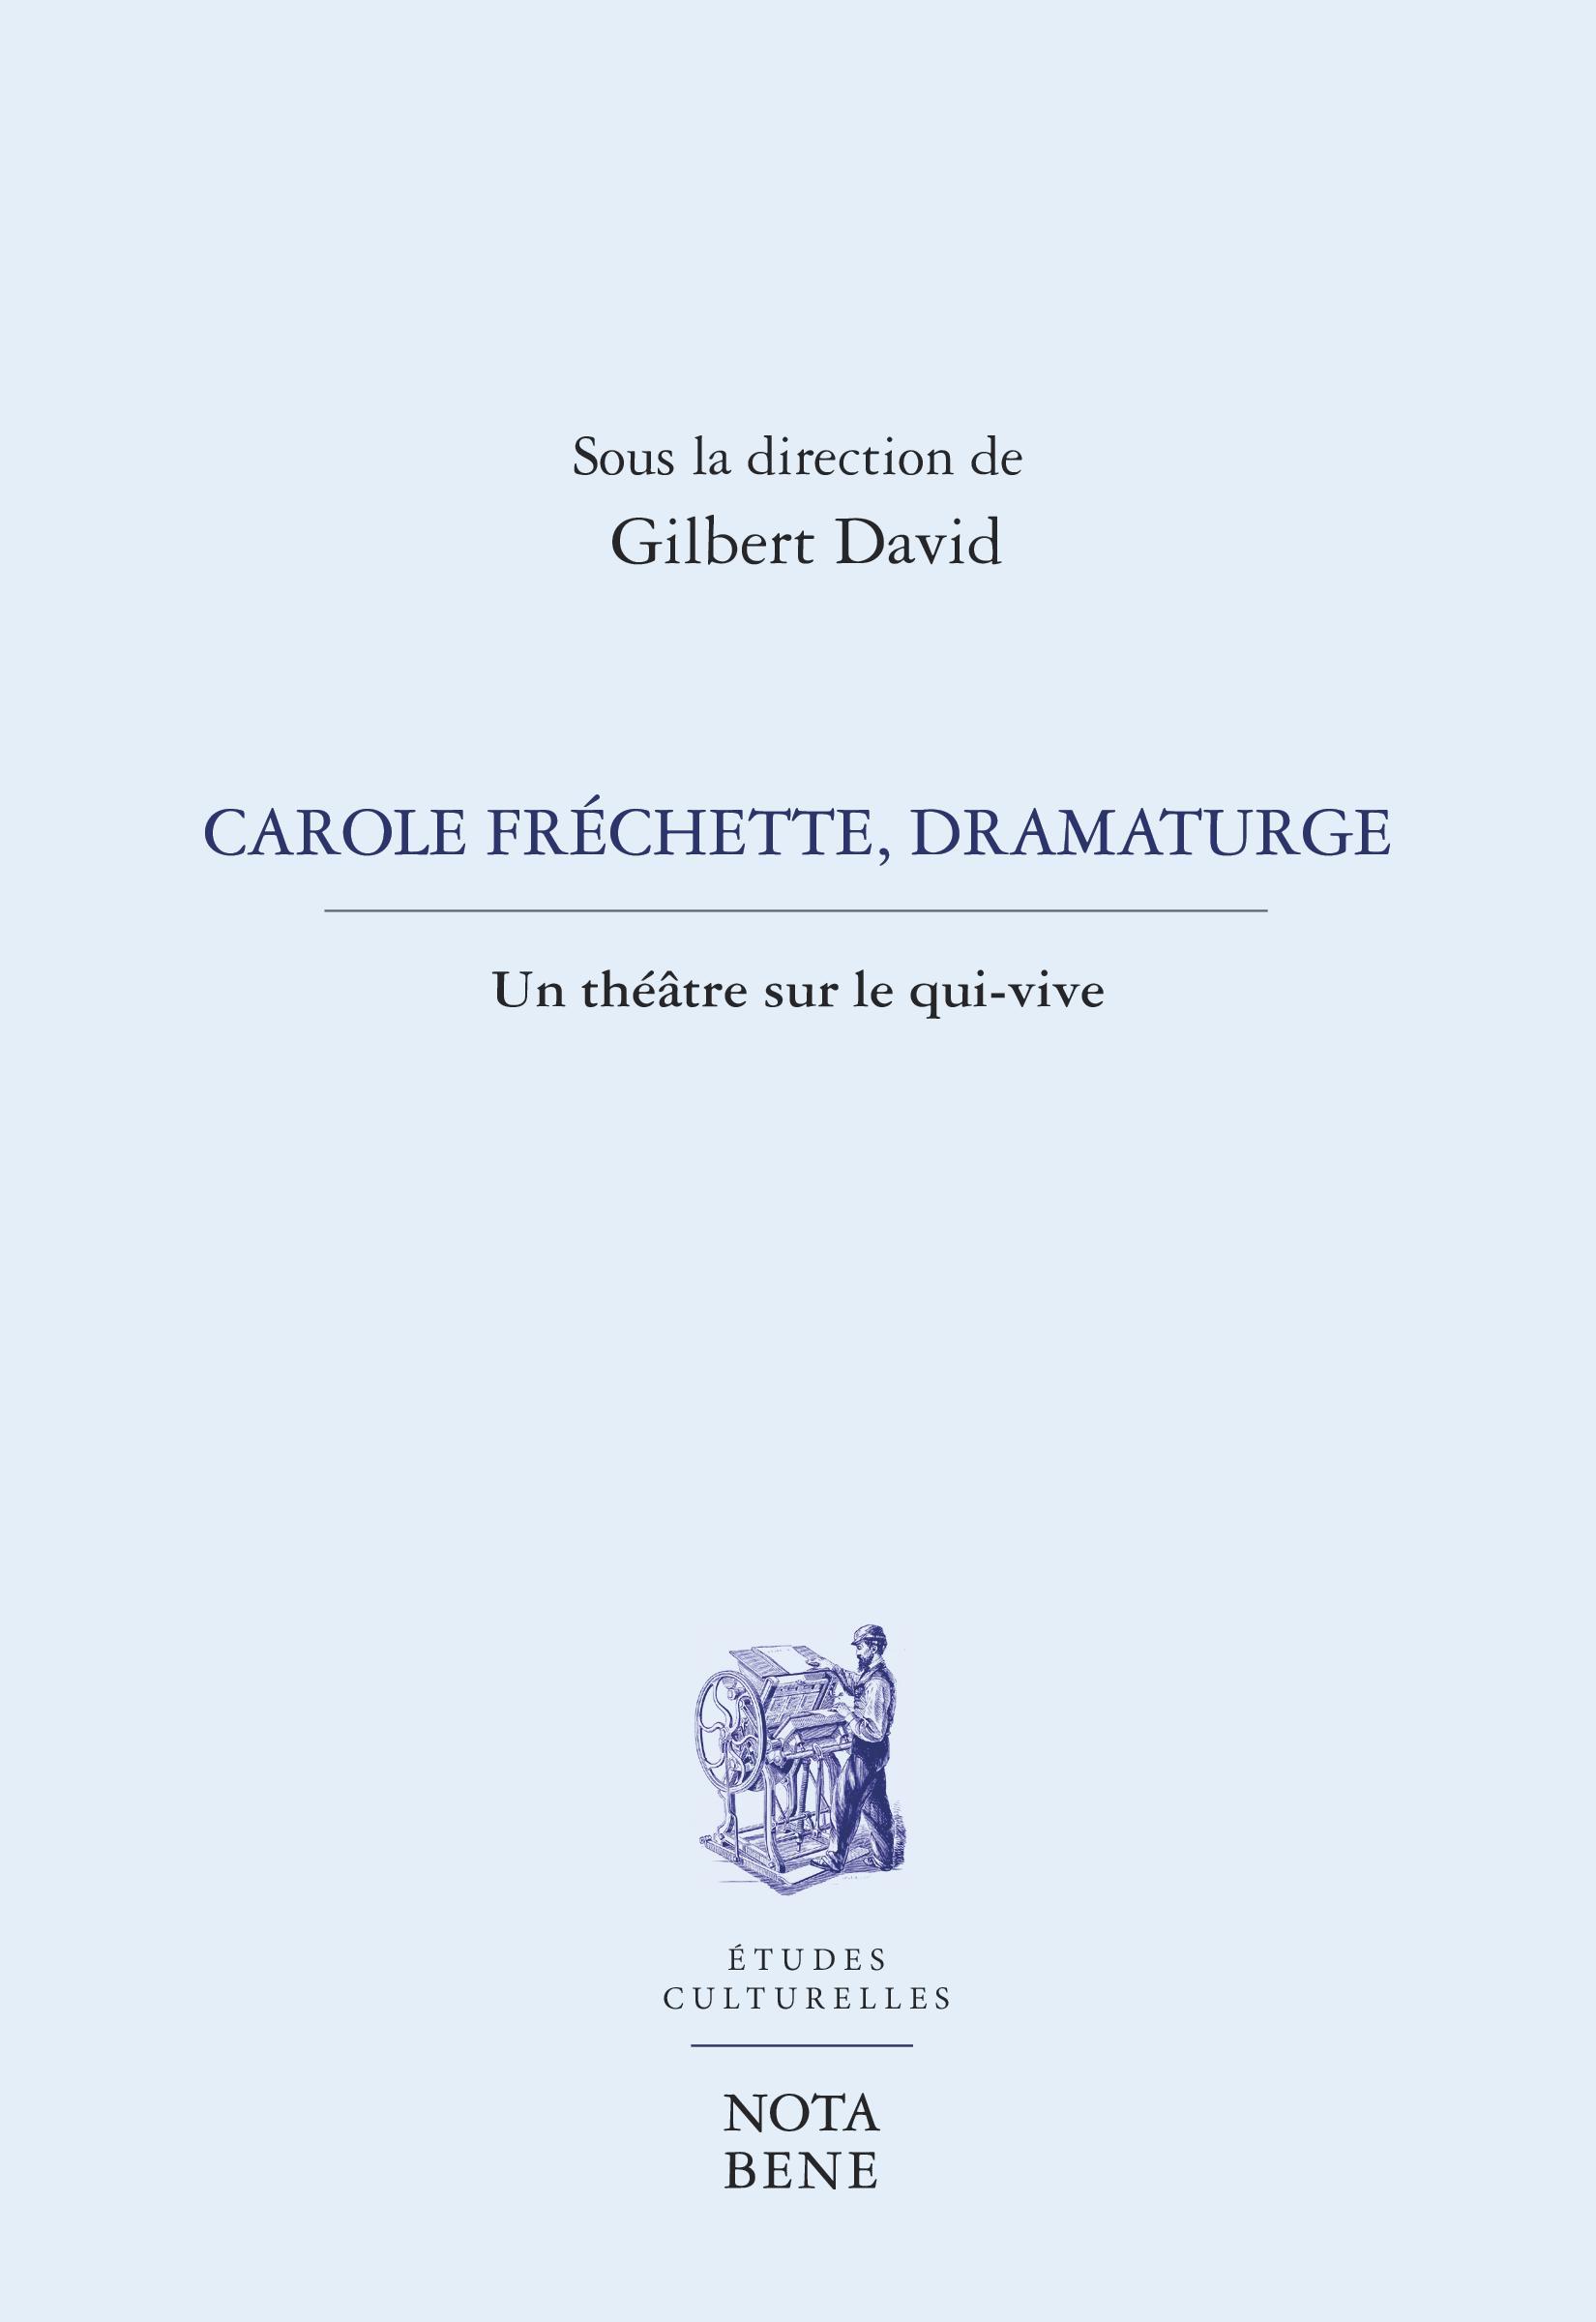 Carole Fréchette, dramaturge